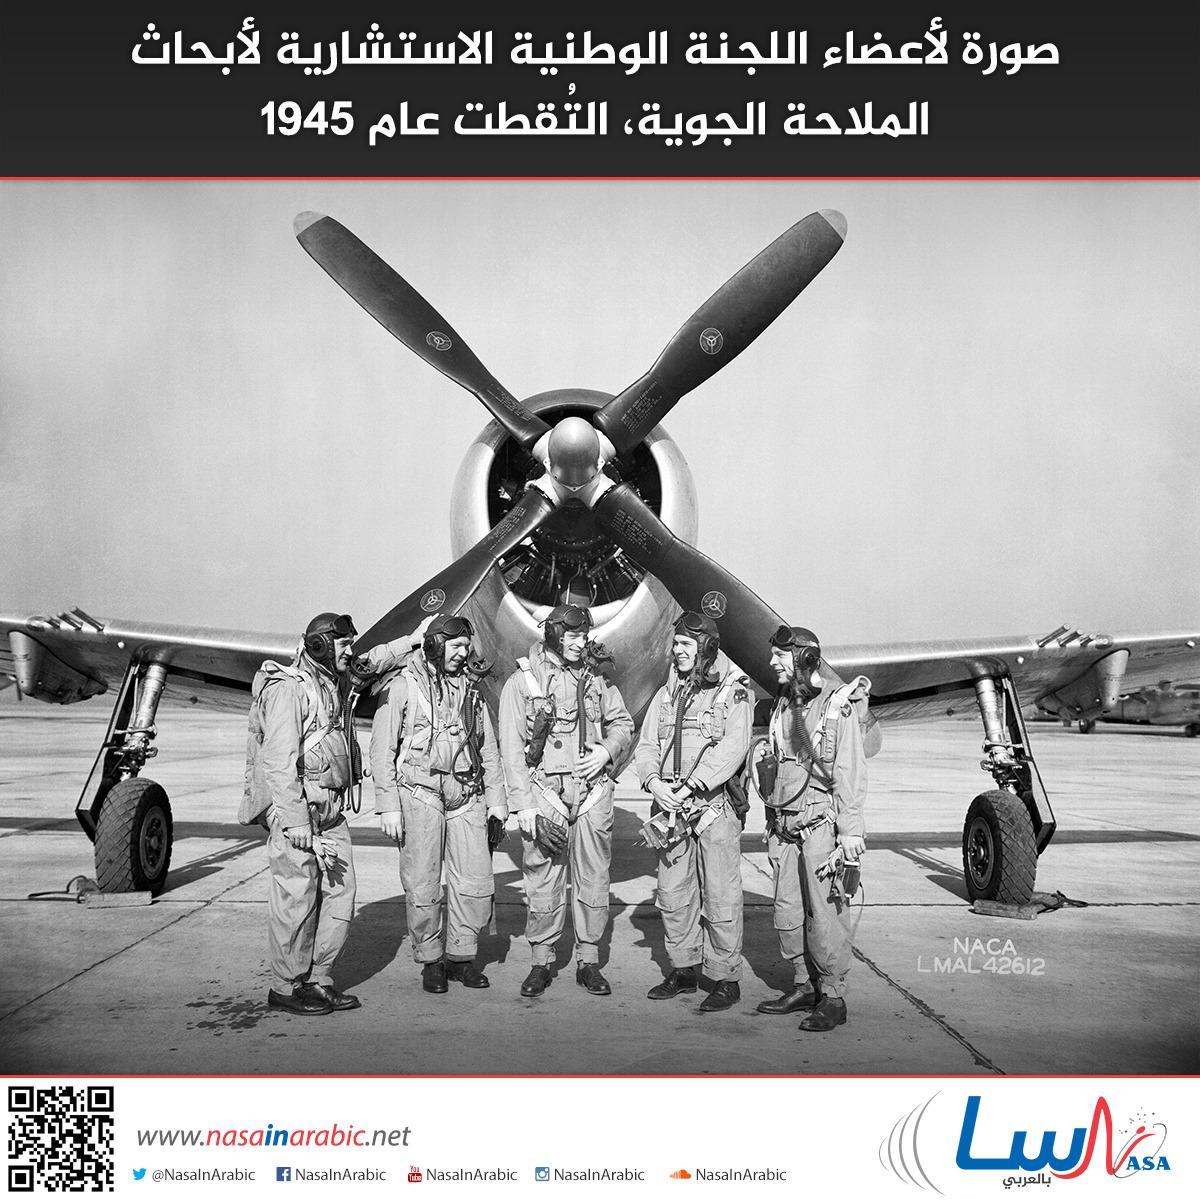 صورة لأعضاء اللجنة الوطنية الاستشارية لأبحاث الملاحة الجوية، التُقطت عام 1945